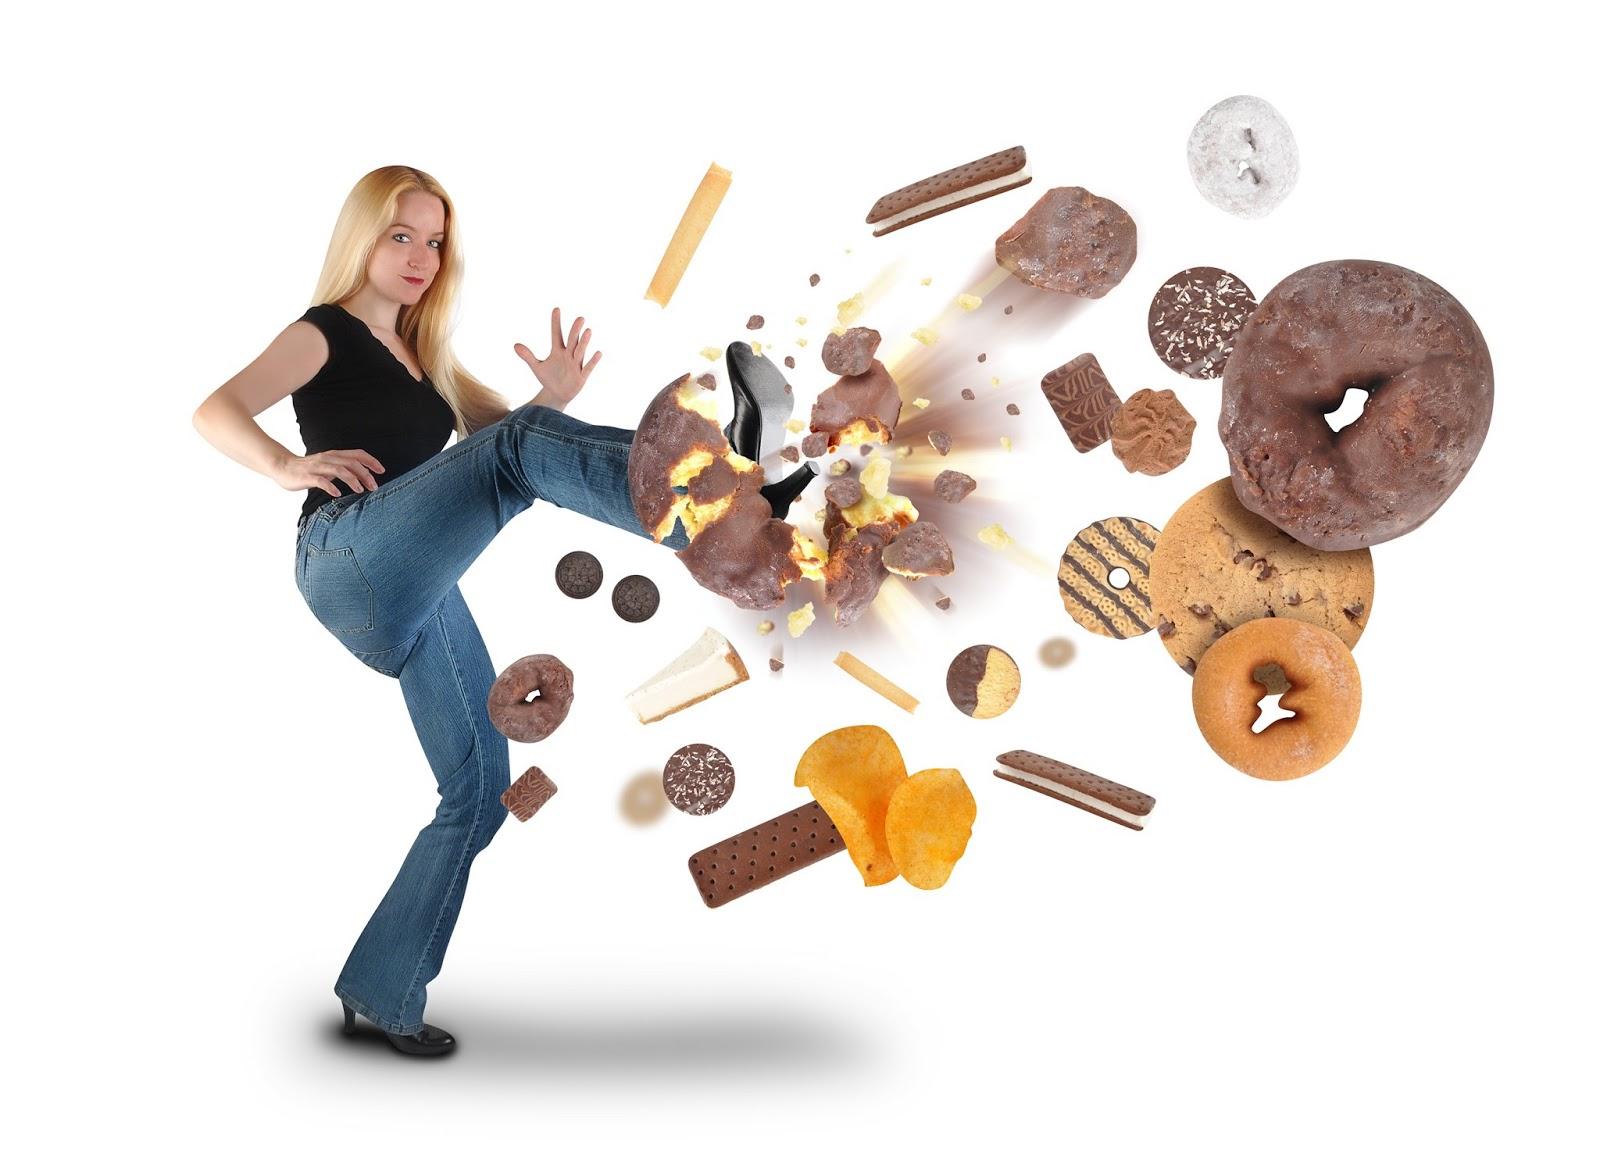 3 lời khuyên hữu ích giúp bạn giảm cân nhanh hiệu quả 1